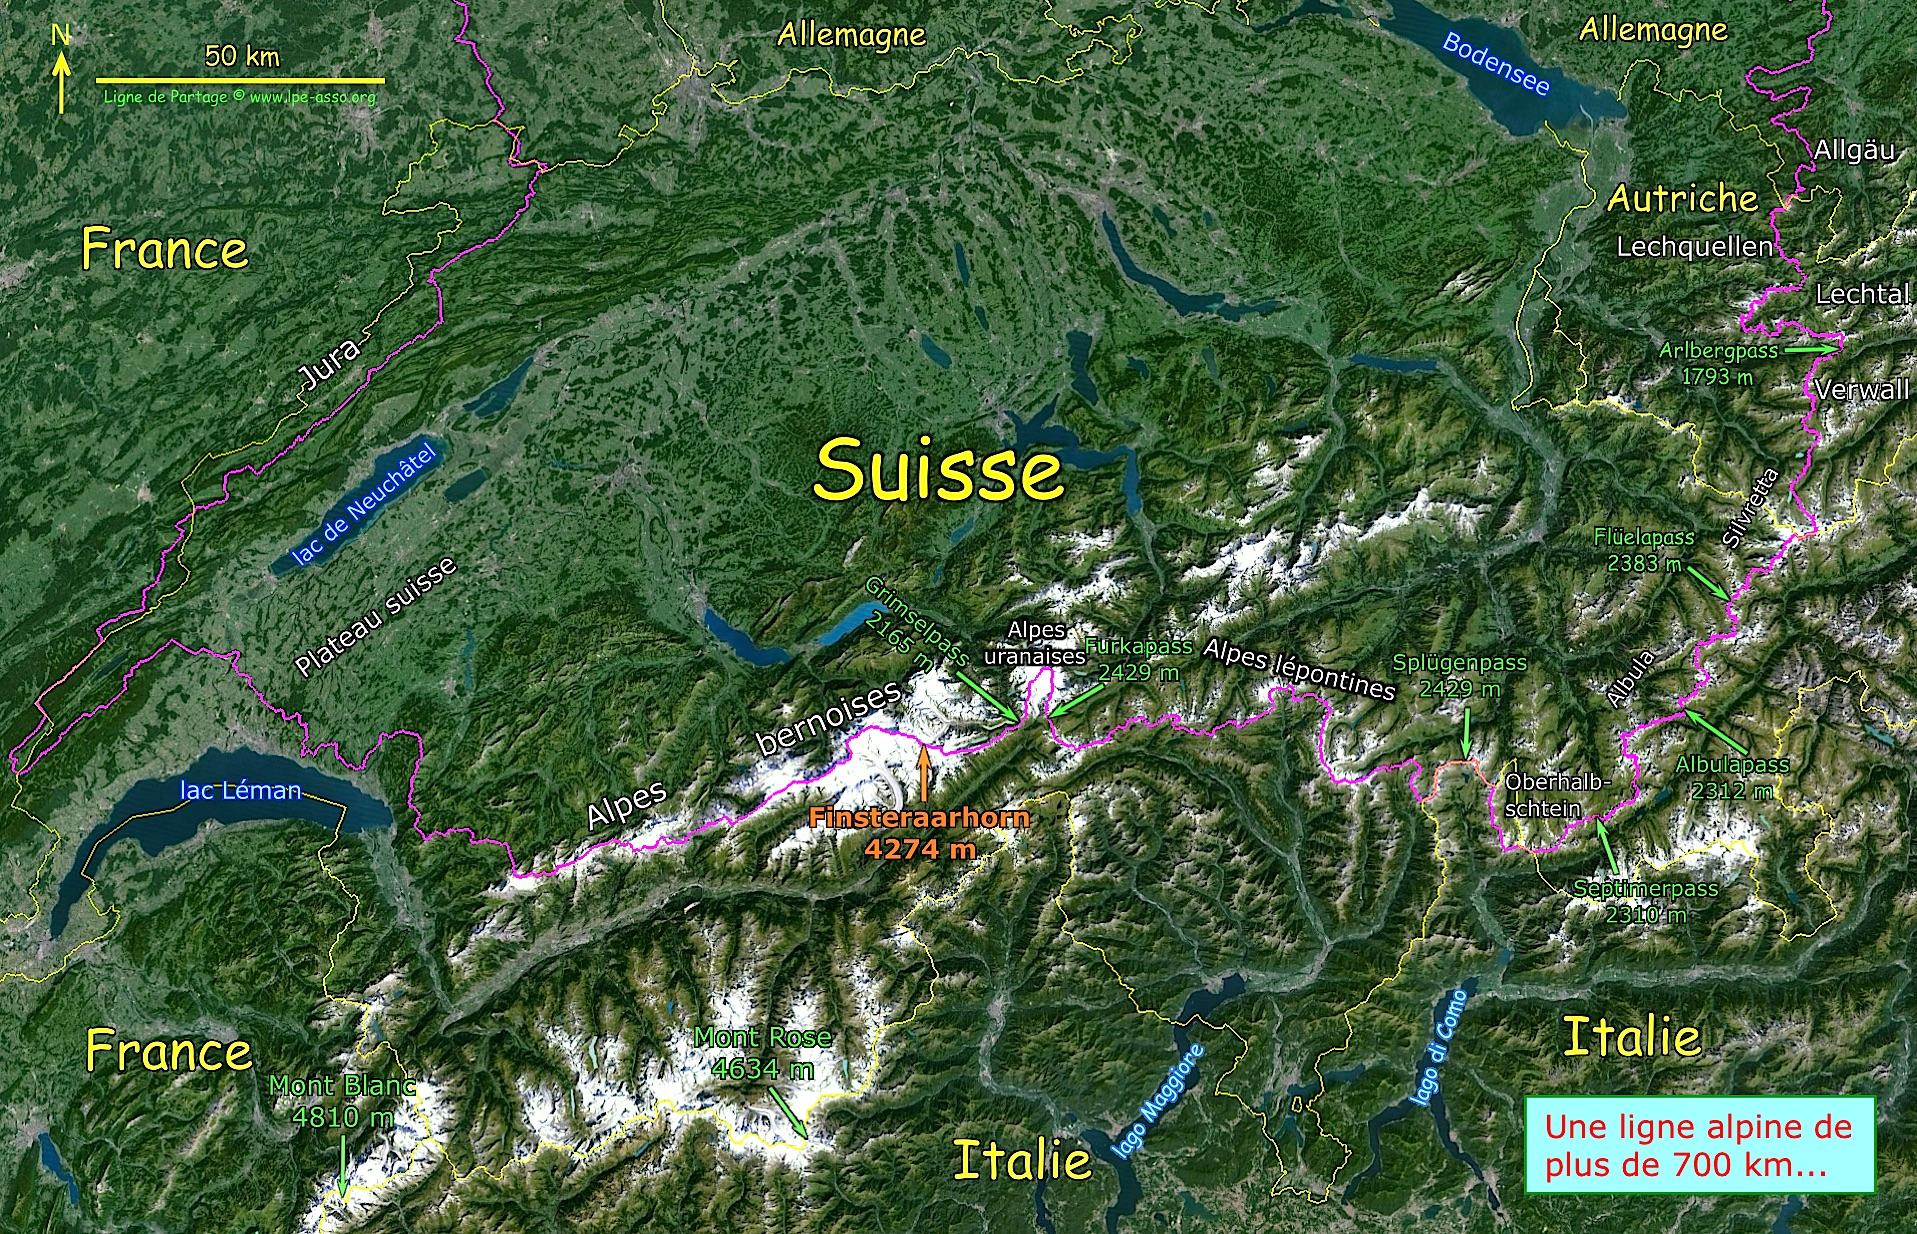 Carte des massifs des alpes